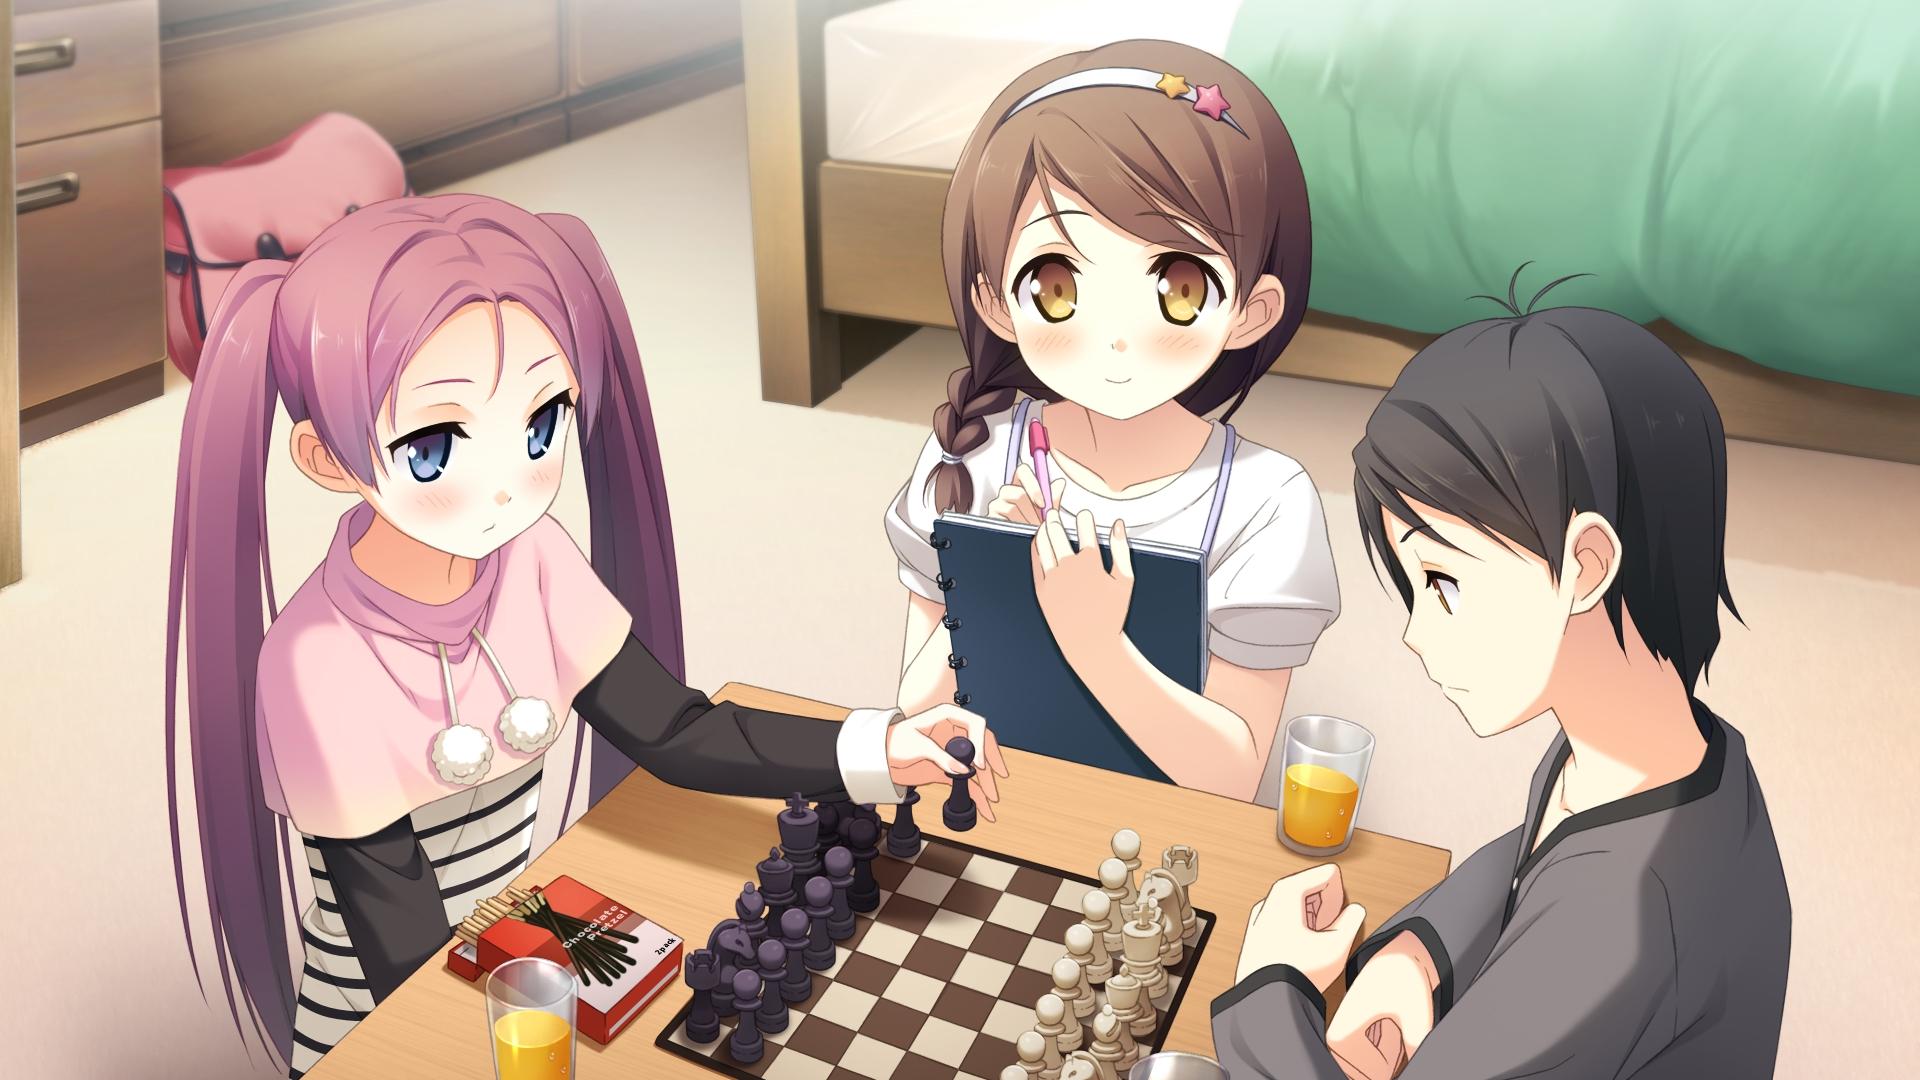 Sfondi : illustrazione anime cartone animato kantoku scacchi